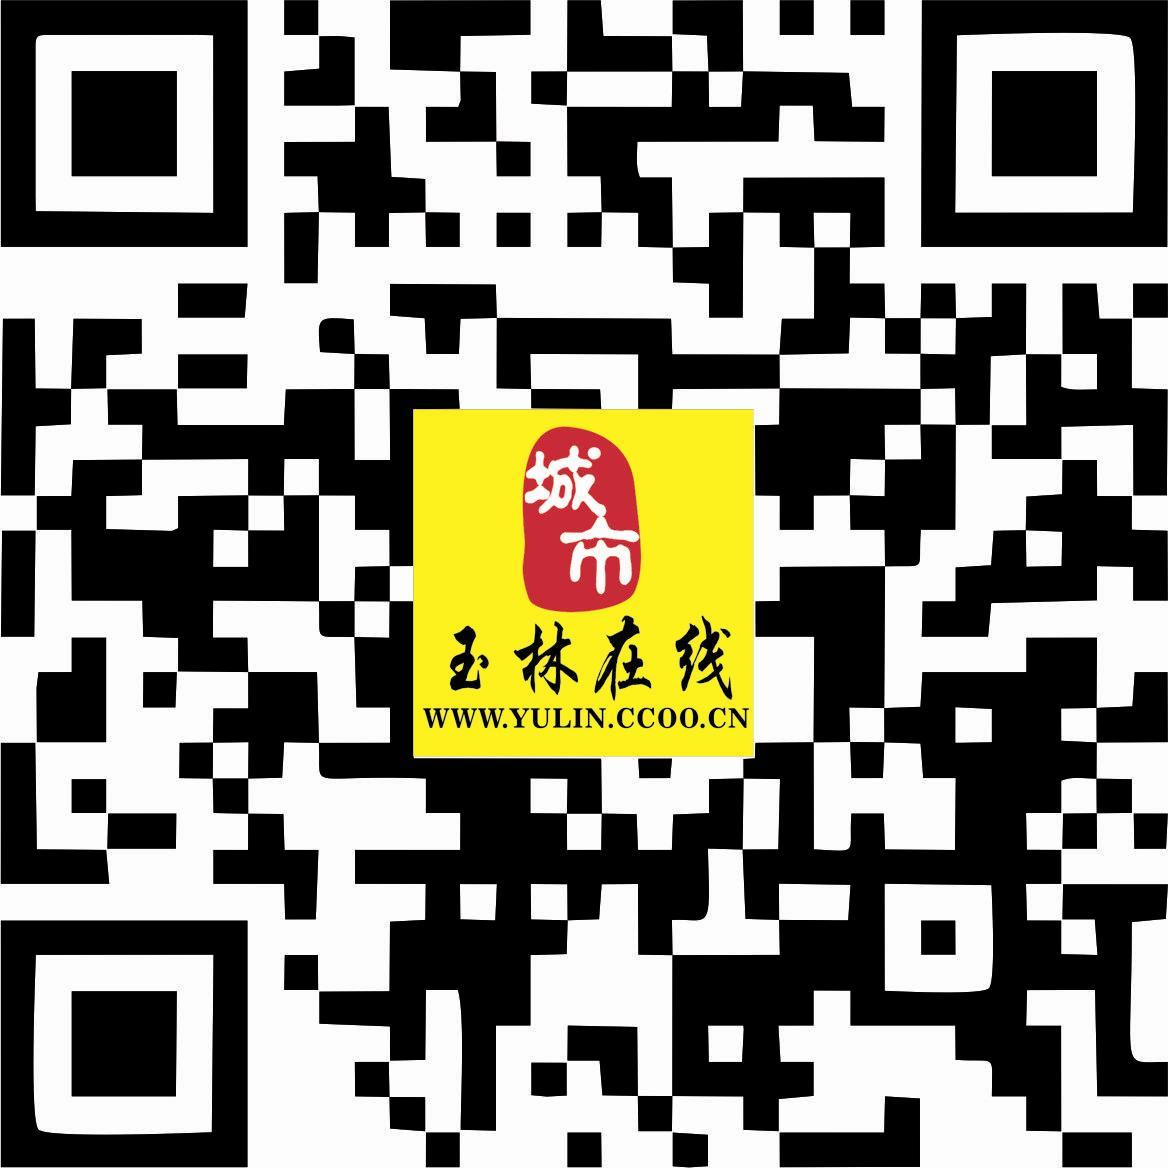 玉林万博体育手机客户端下载官方微信